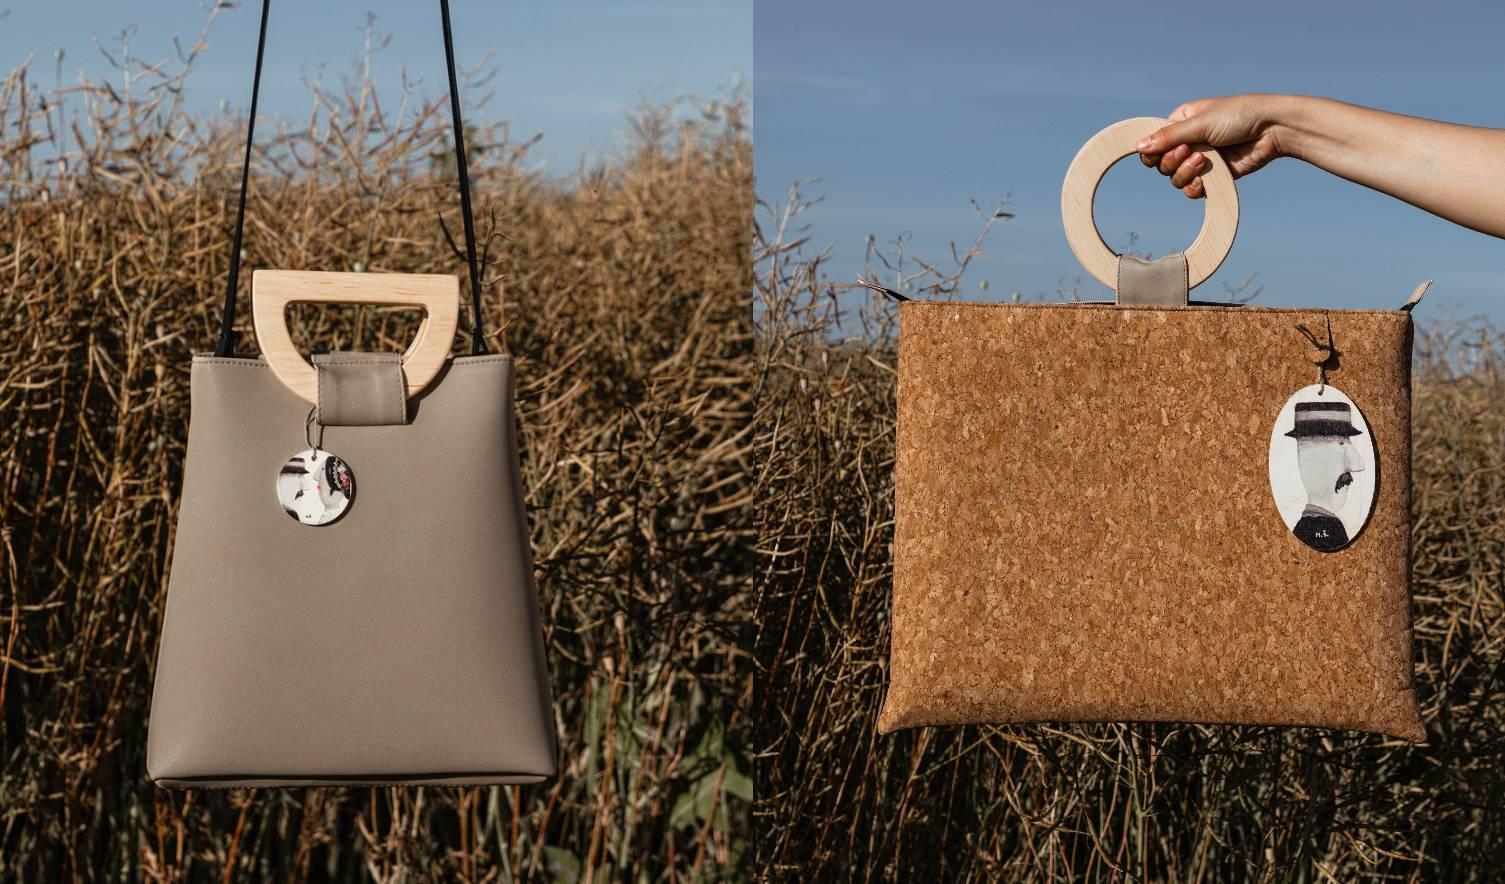 Moderne ručno rađene torbe s motivima Šokca i Šokica stižu iz vinkovačke obitelji Šimunić